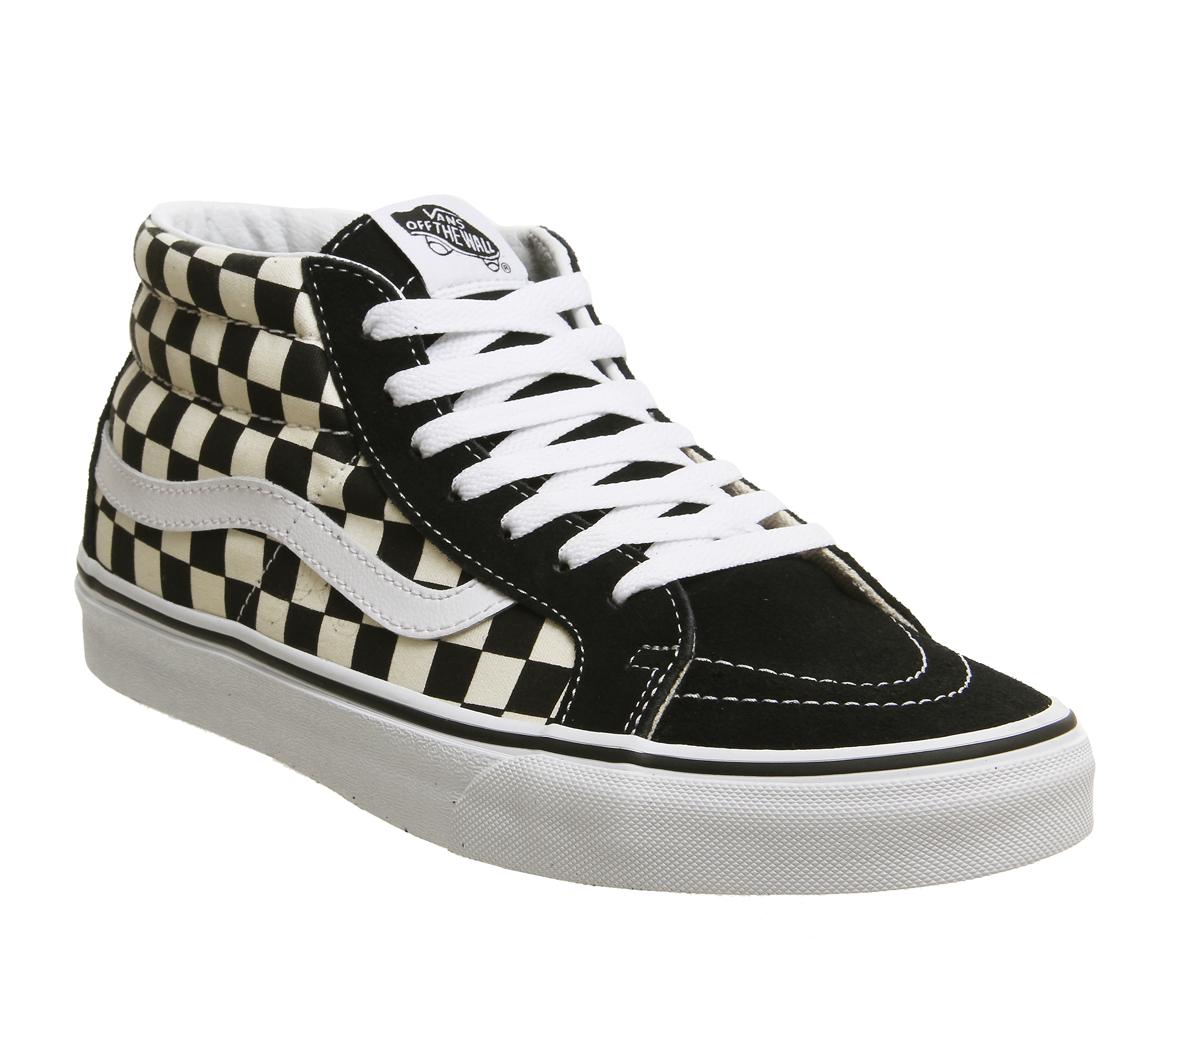 SENTINEL Womens Vans Sk8 Mid scarpe formatori di formatori correttore  bianco nero bb9bf13d6fe